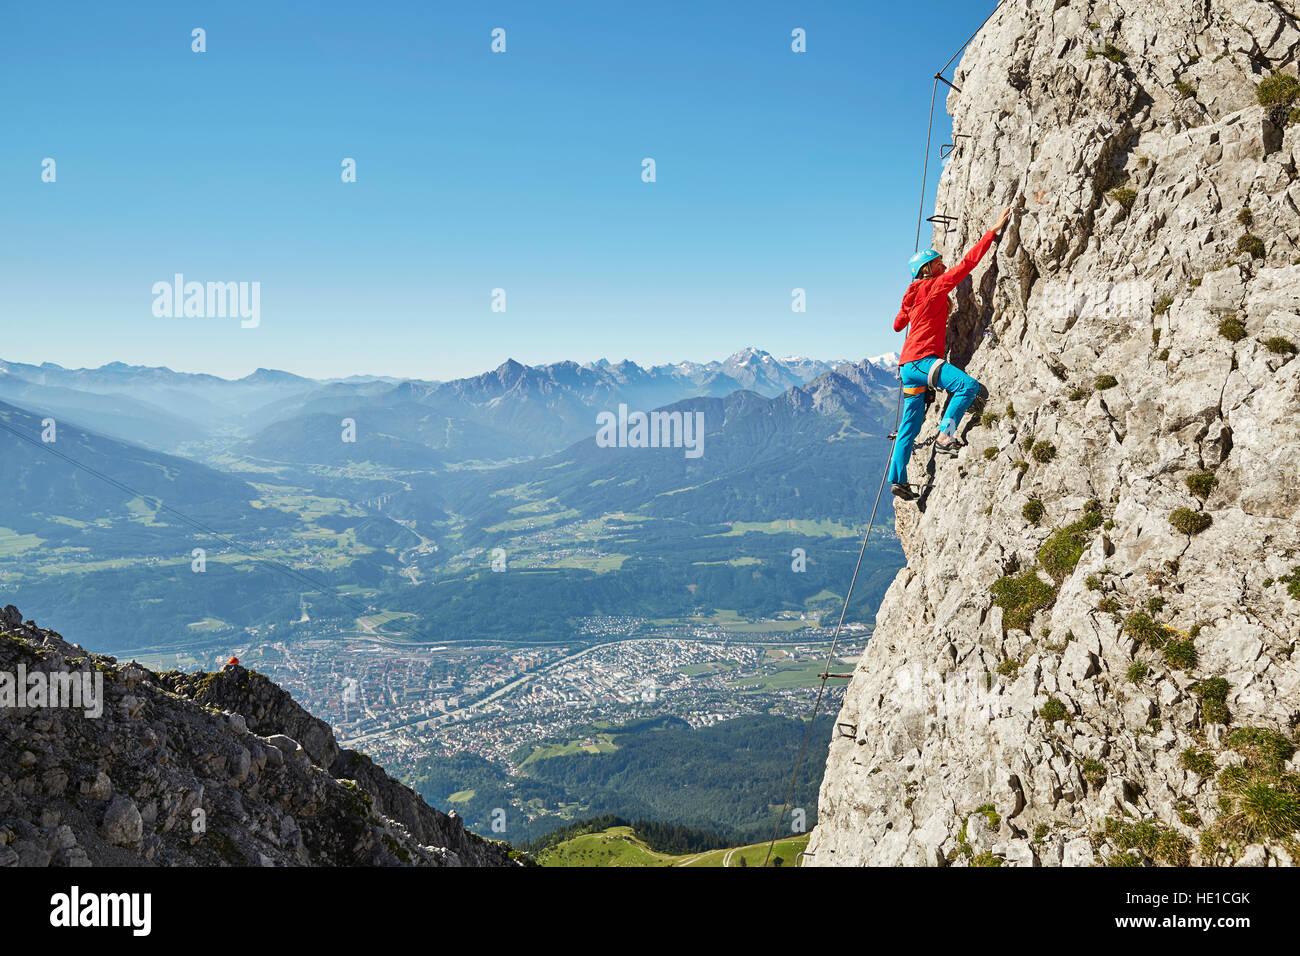 Klettersteig Nordkette : Nordkette klettersteig route bergsteiger befestigt mit stahlkabel